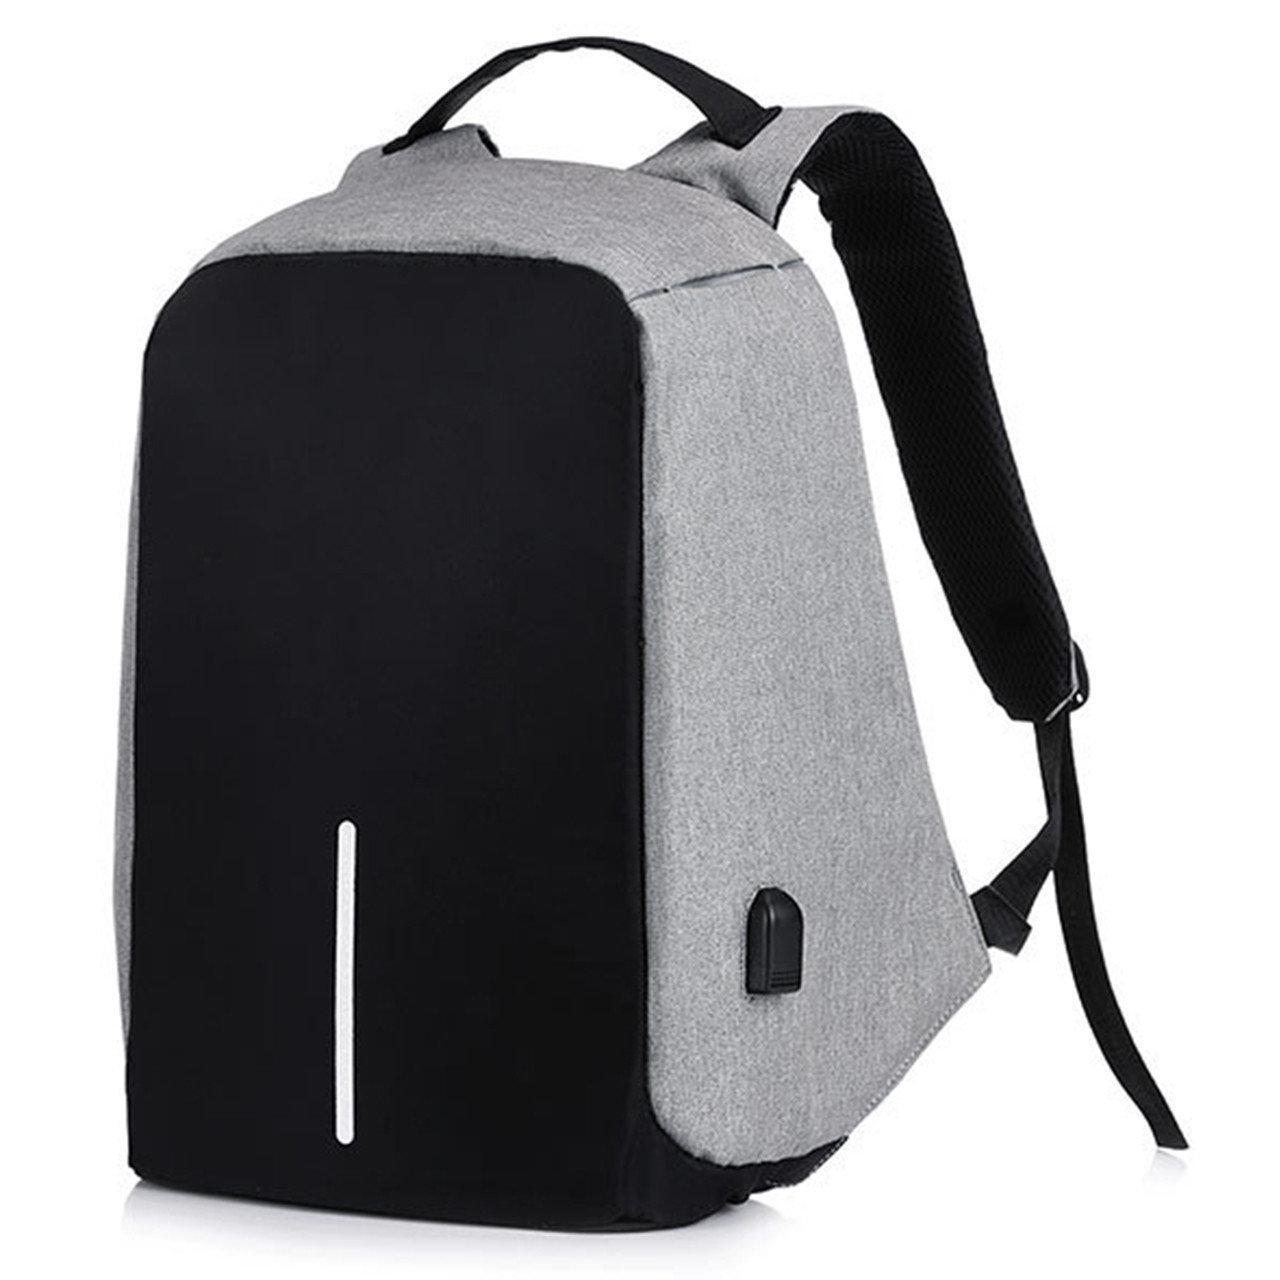 Городской рюкзак Bobby (антивор). Серый. Gray